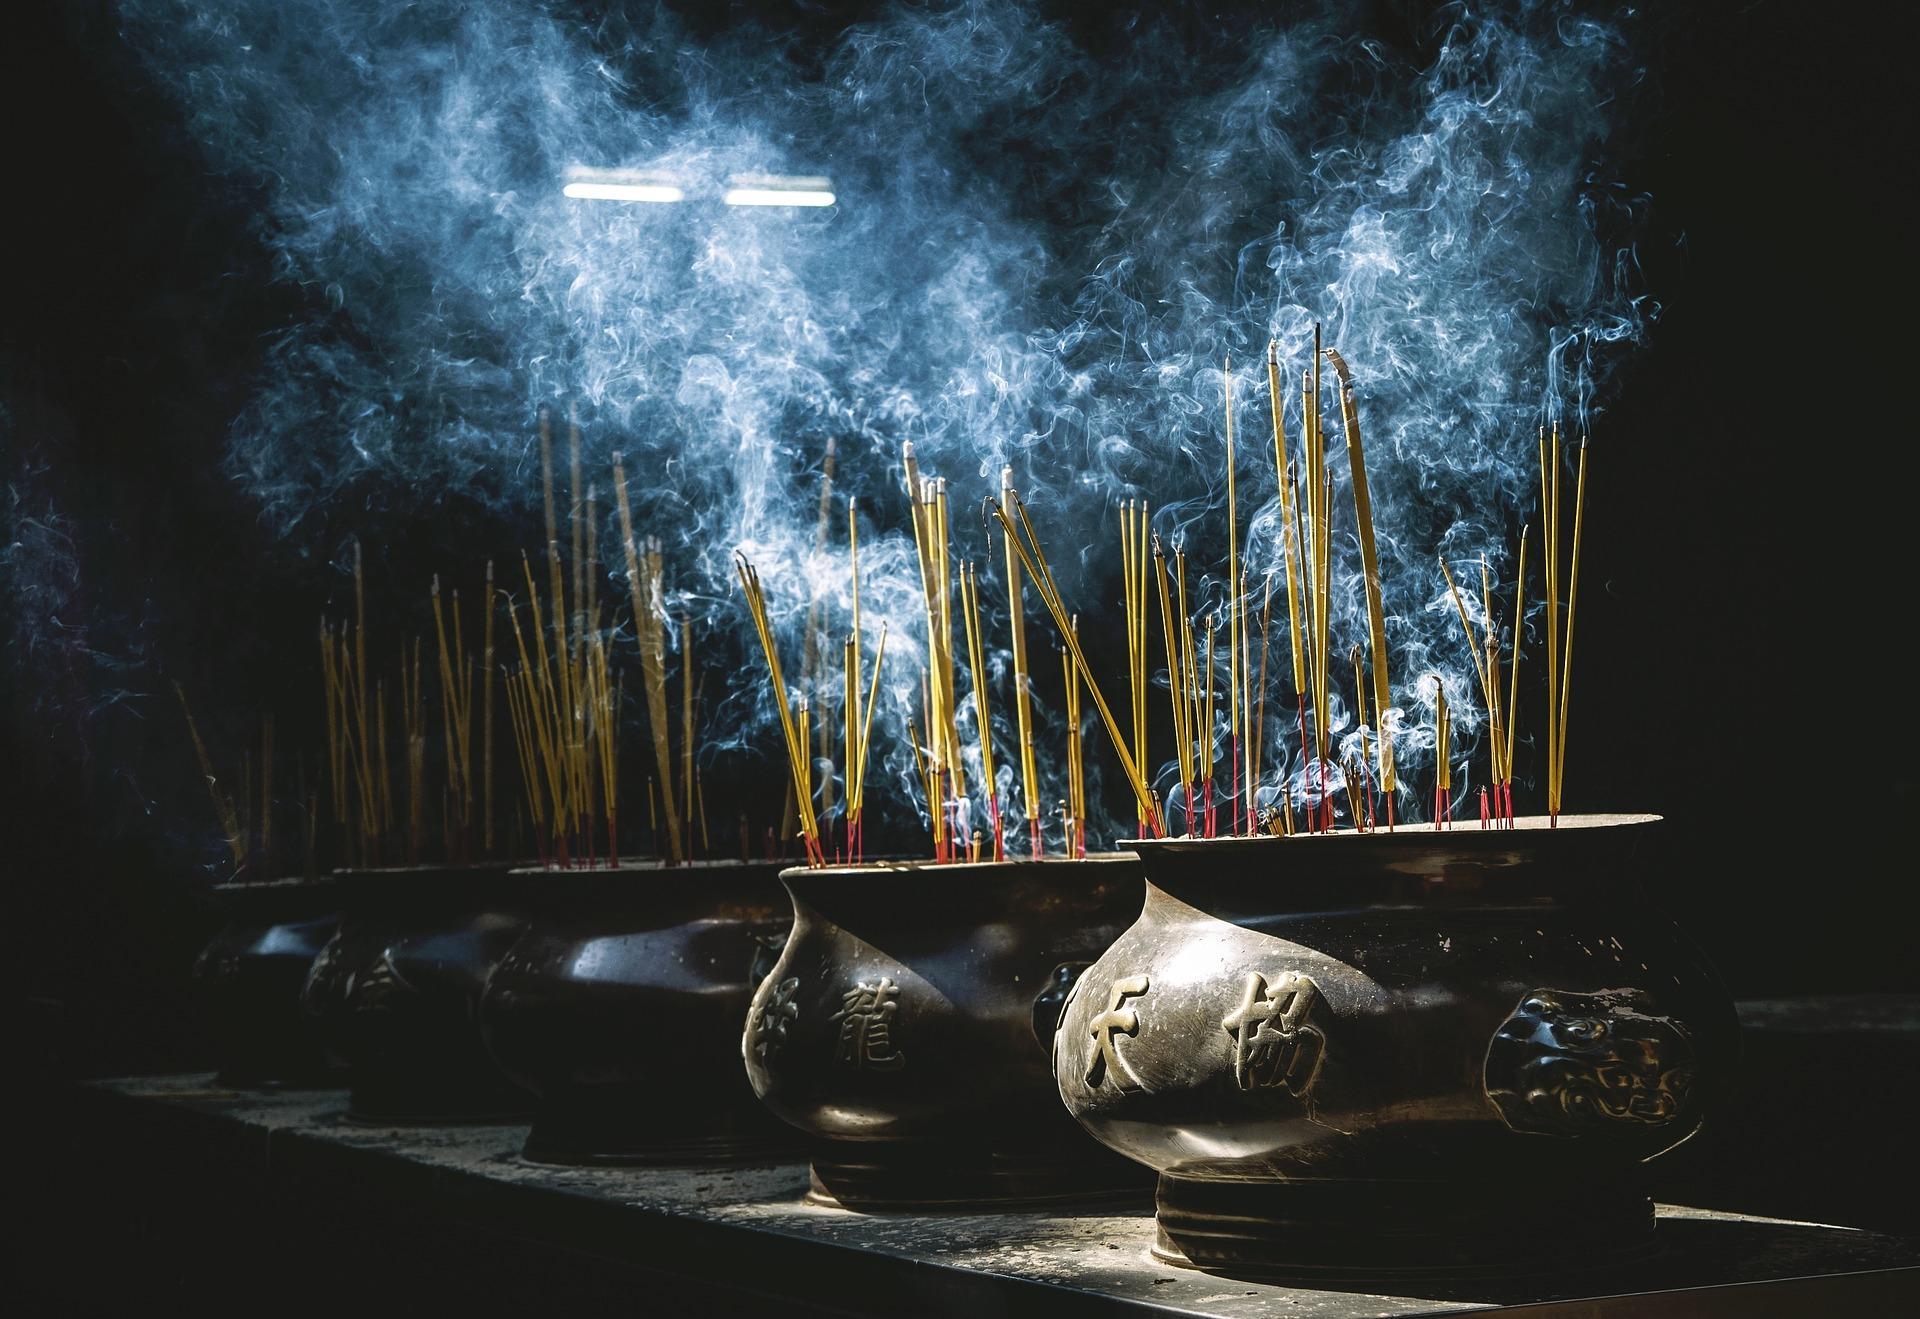 incense 1285138 1920 1 - Ray Sherwin